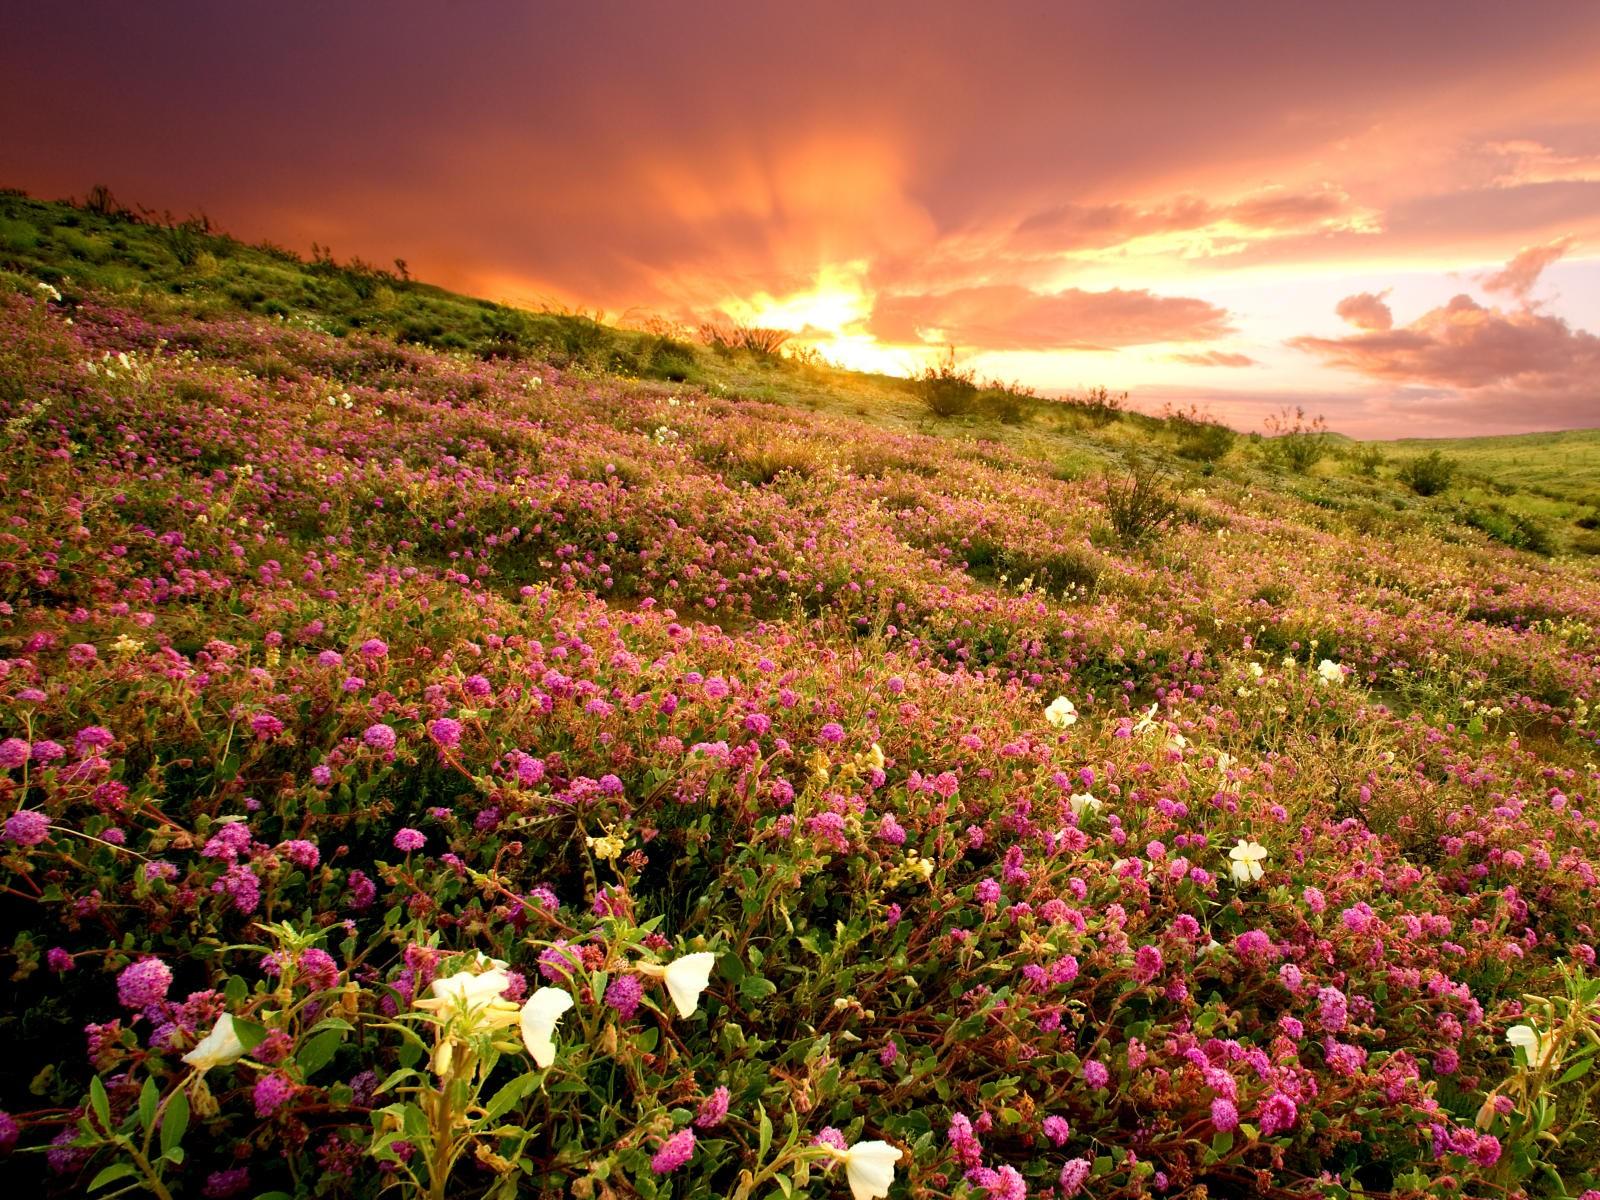 В Национальном парке Анза-Боррего, площадь которого более 2,4 тысячи кв. км, большую часть территории занимает безжизненная пустынная местность. Однако после зимнего сезона дождей сухая земля оживает, покрывается яркими цветами и сочной травой.